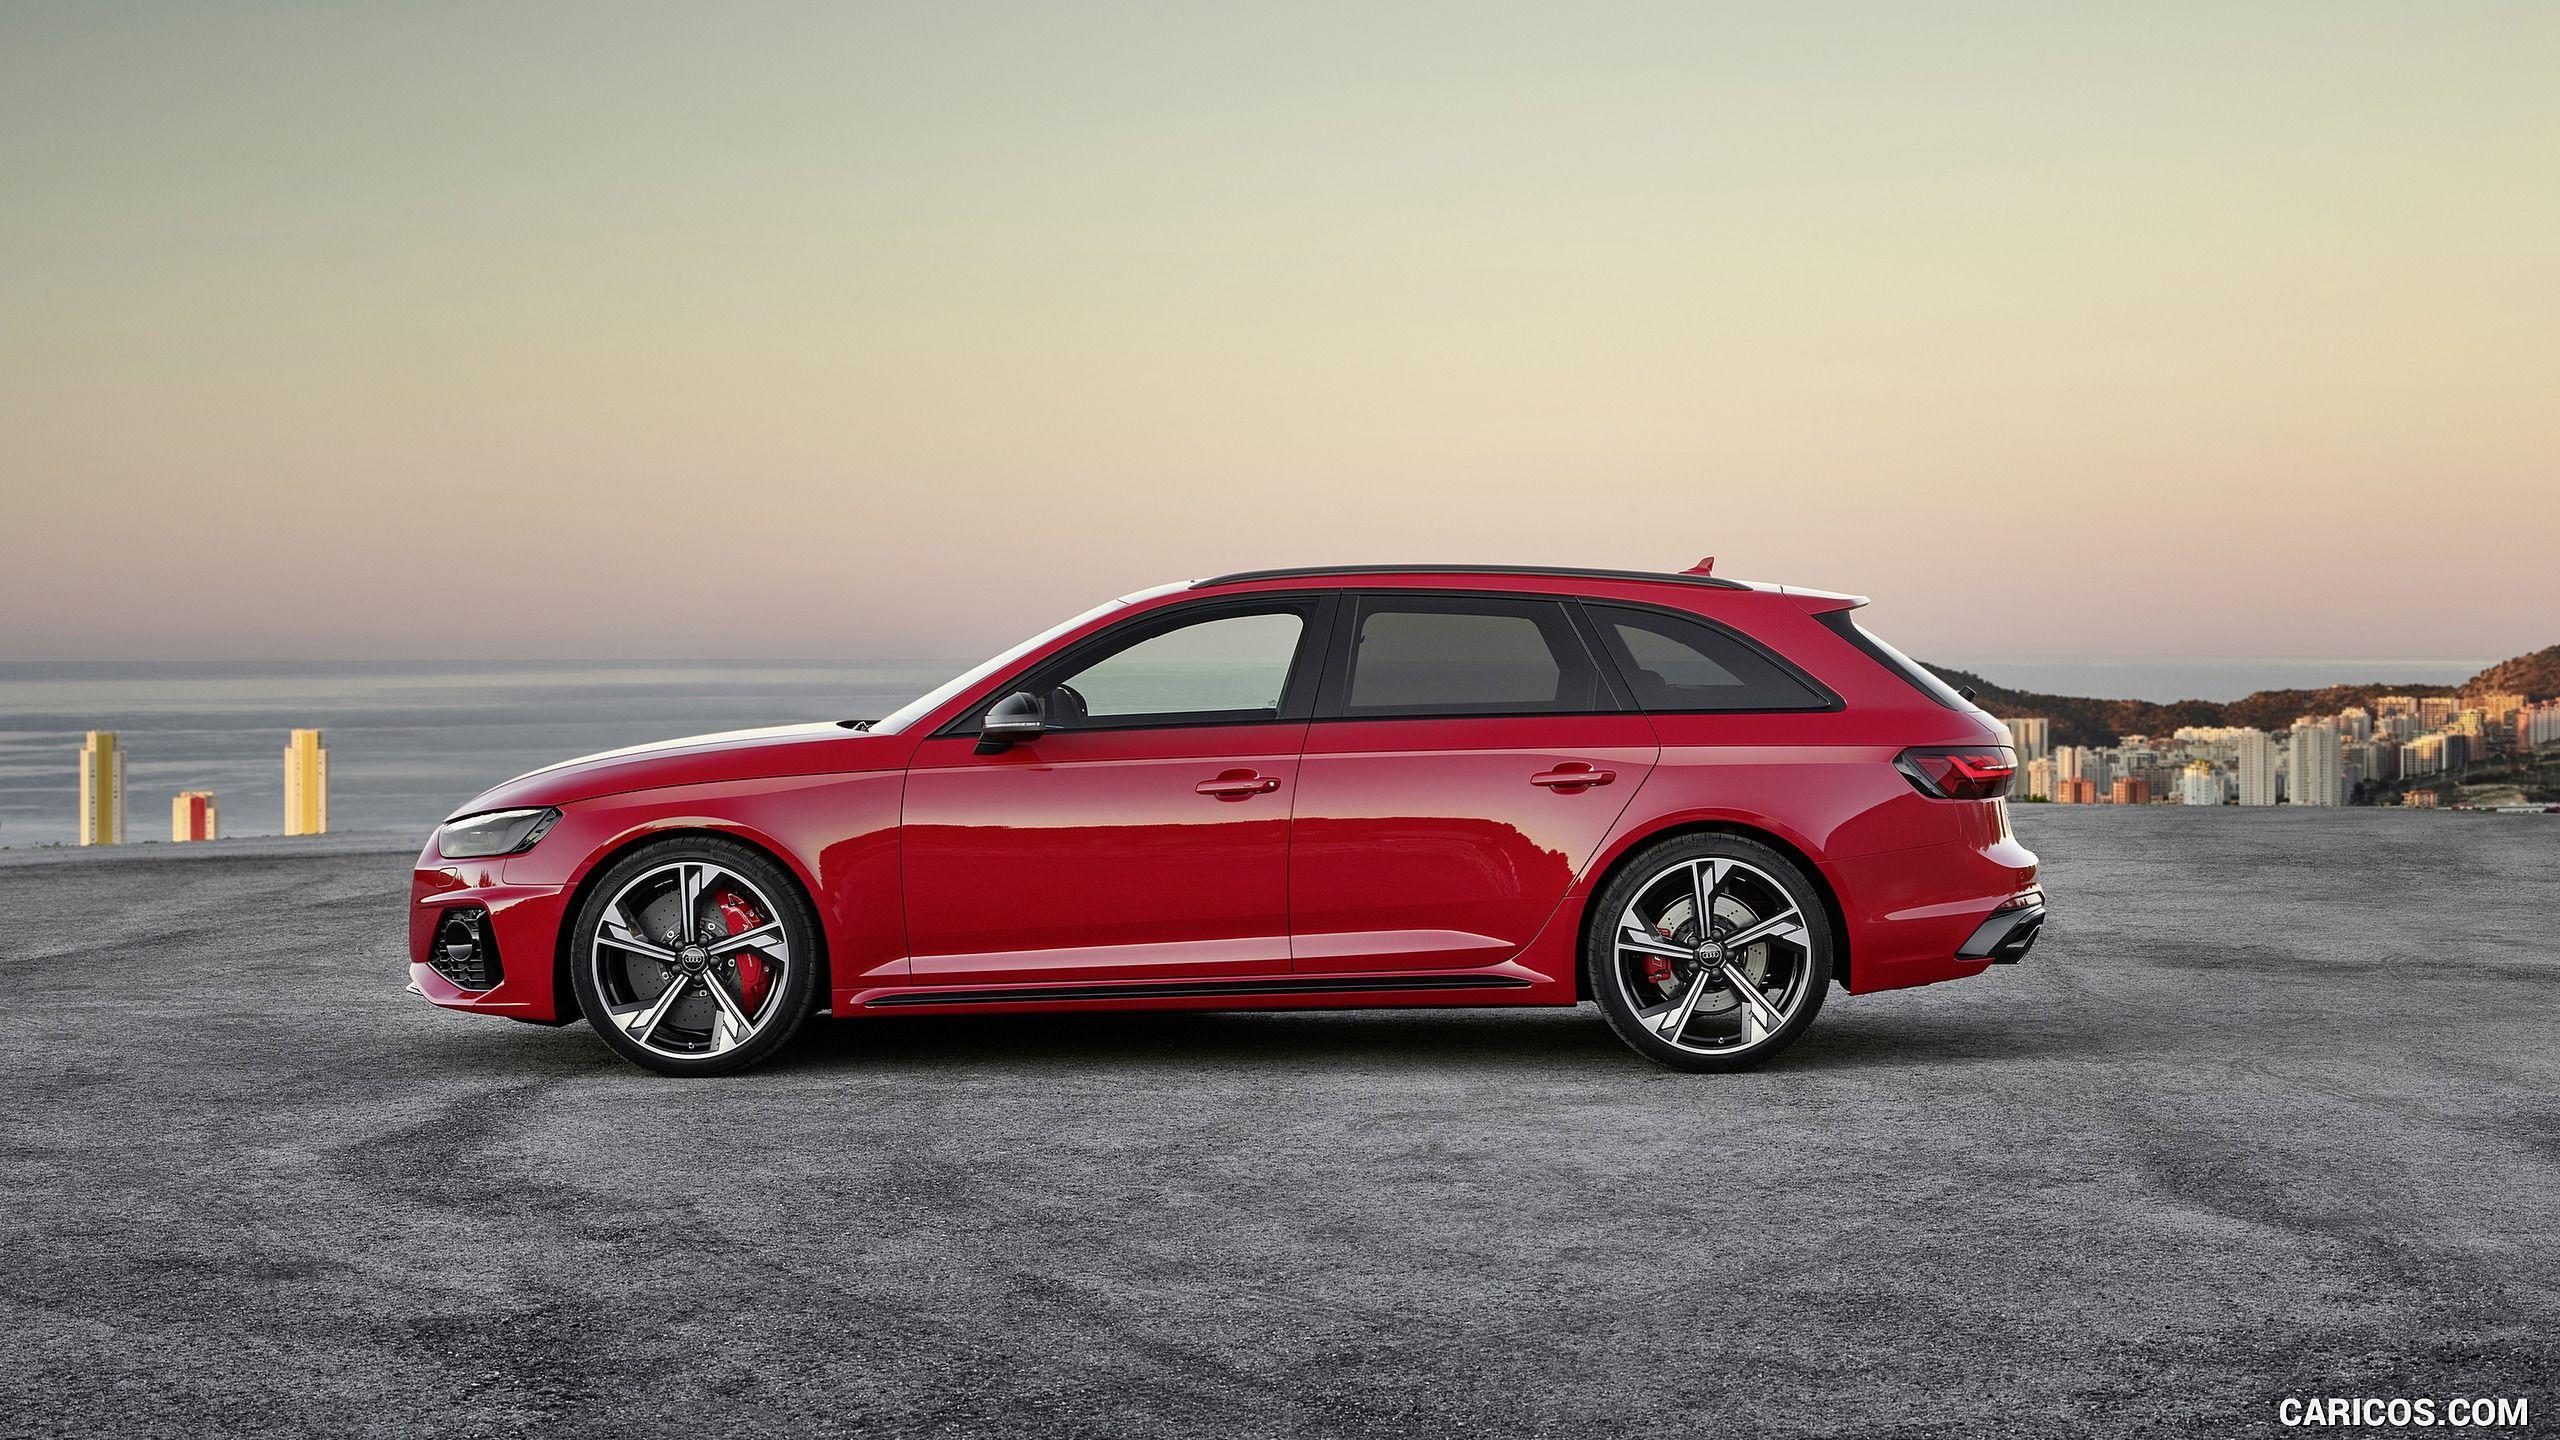 2020 Audi Rs 4 Avant Color Tango Red Hd In 2021 Audi Rs 2020 Audi Audi